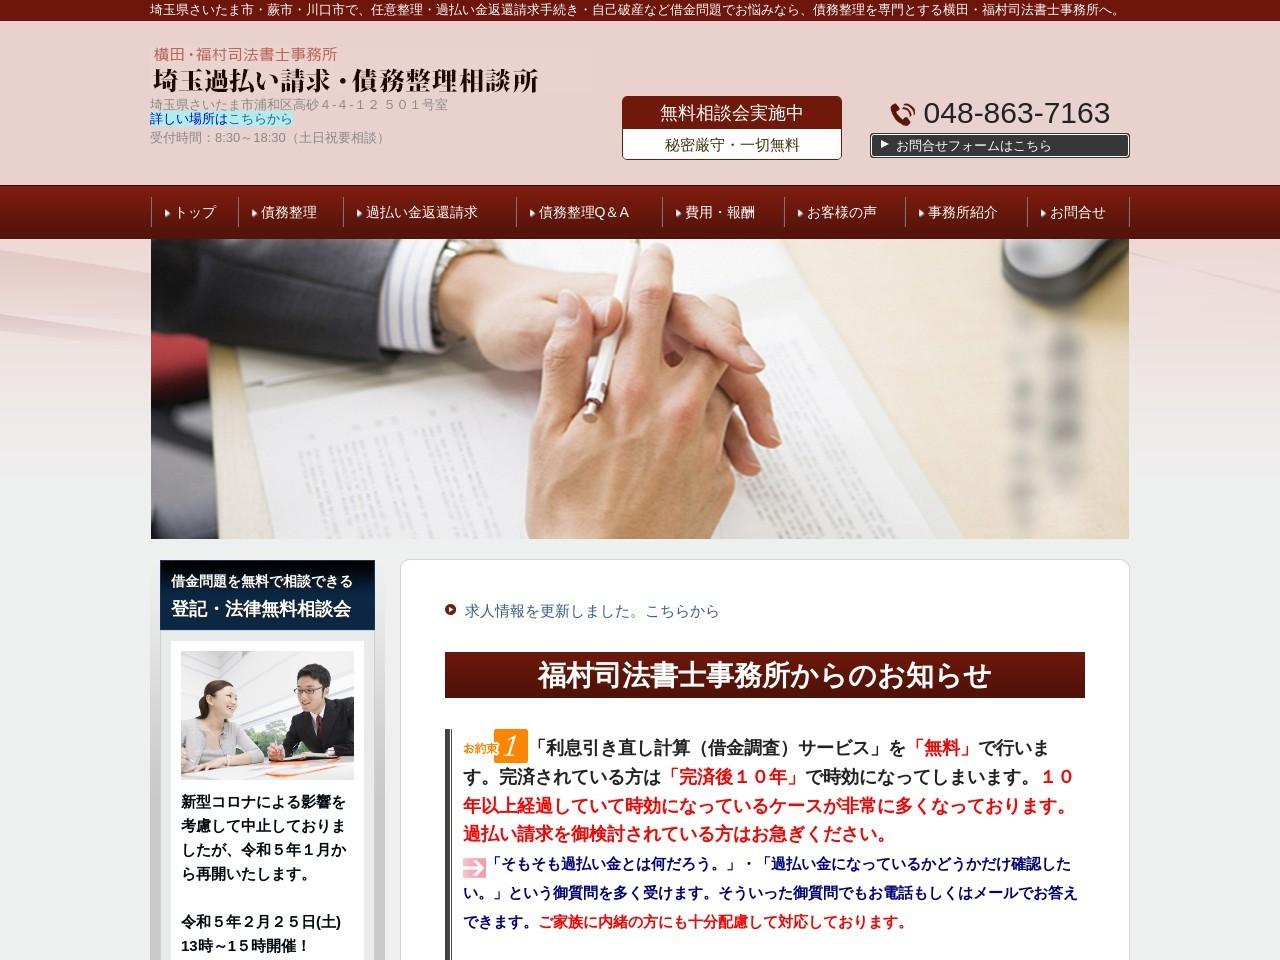 福村司法書士事務所